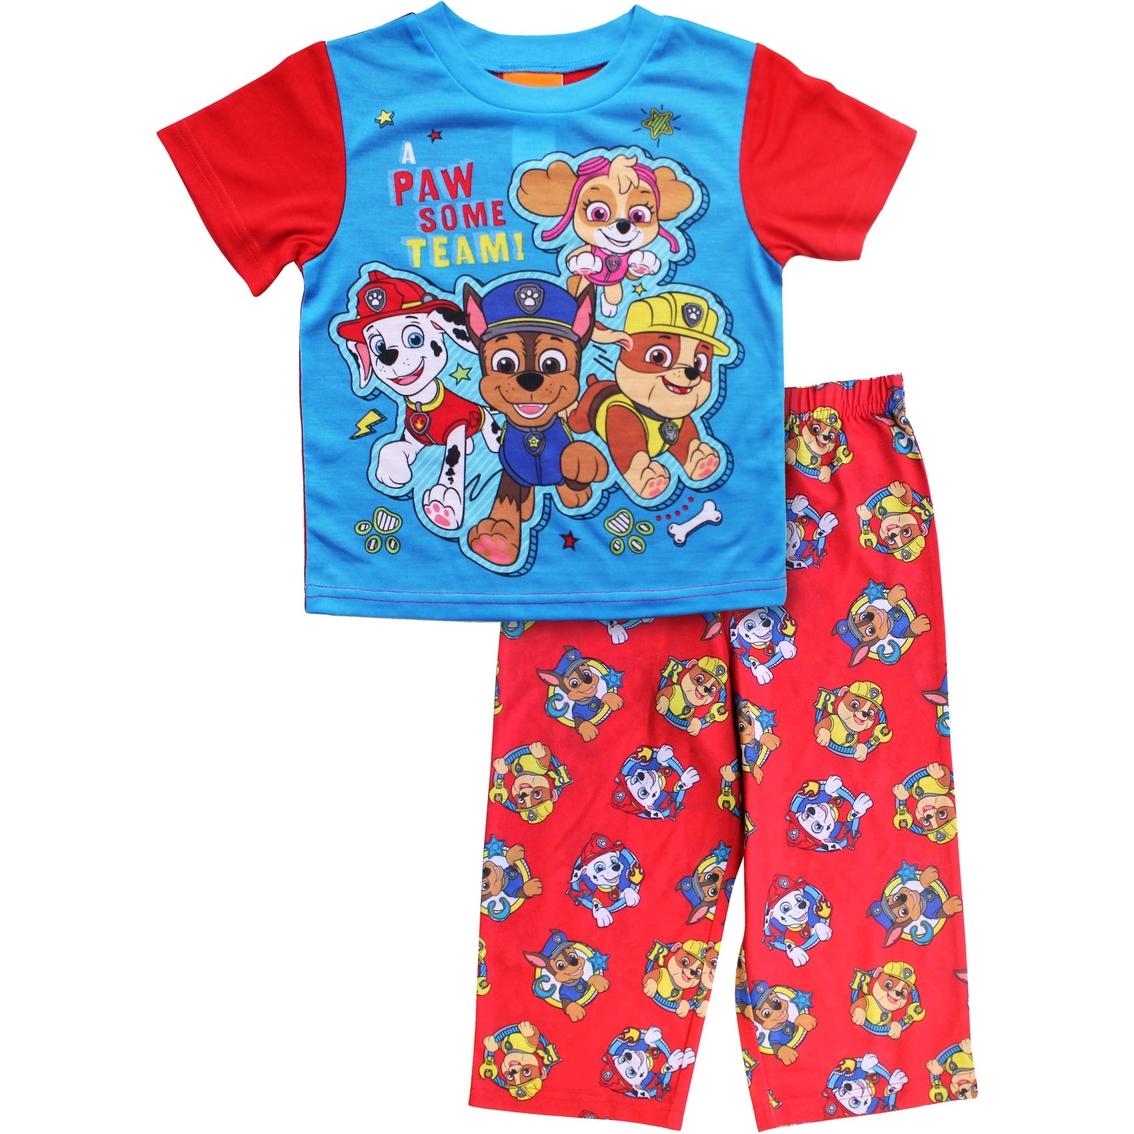 9ba62c0fdf Nickelodeon Toddler Boys Paw Patrol Pawsome Team 2 Pc. Pajama Set ...